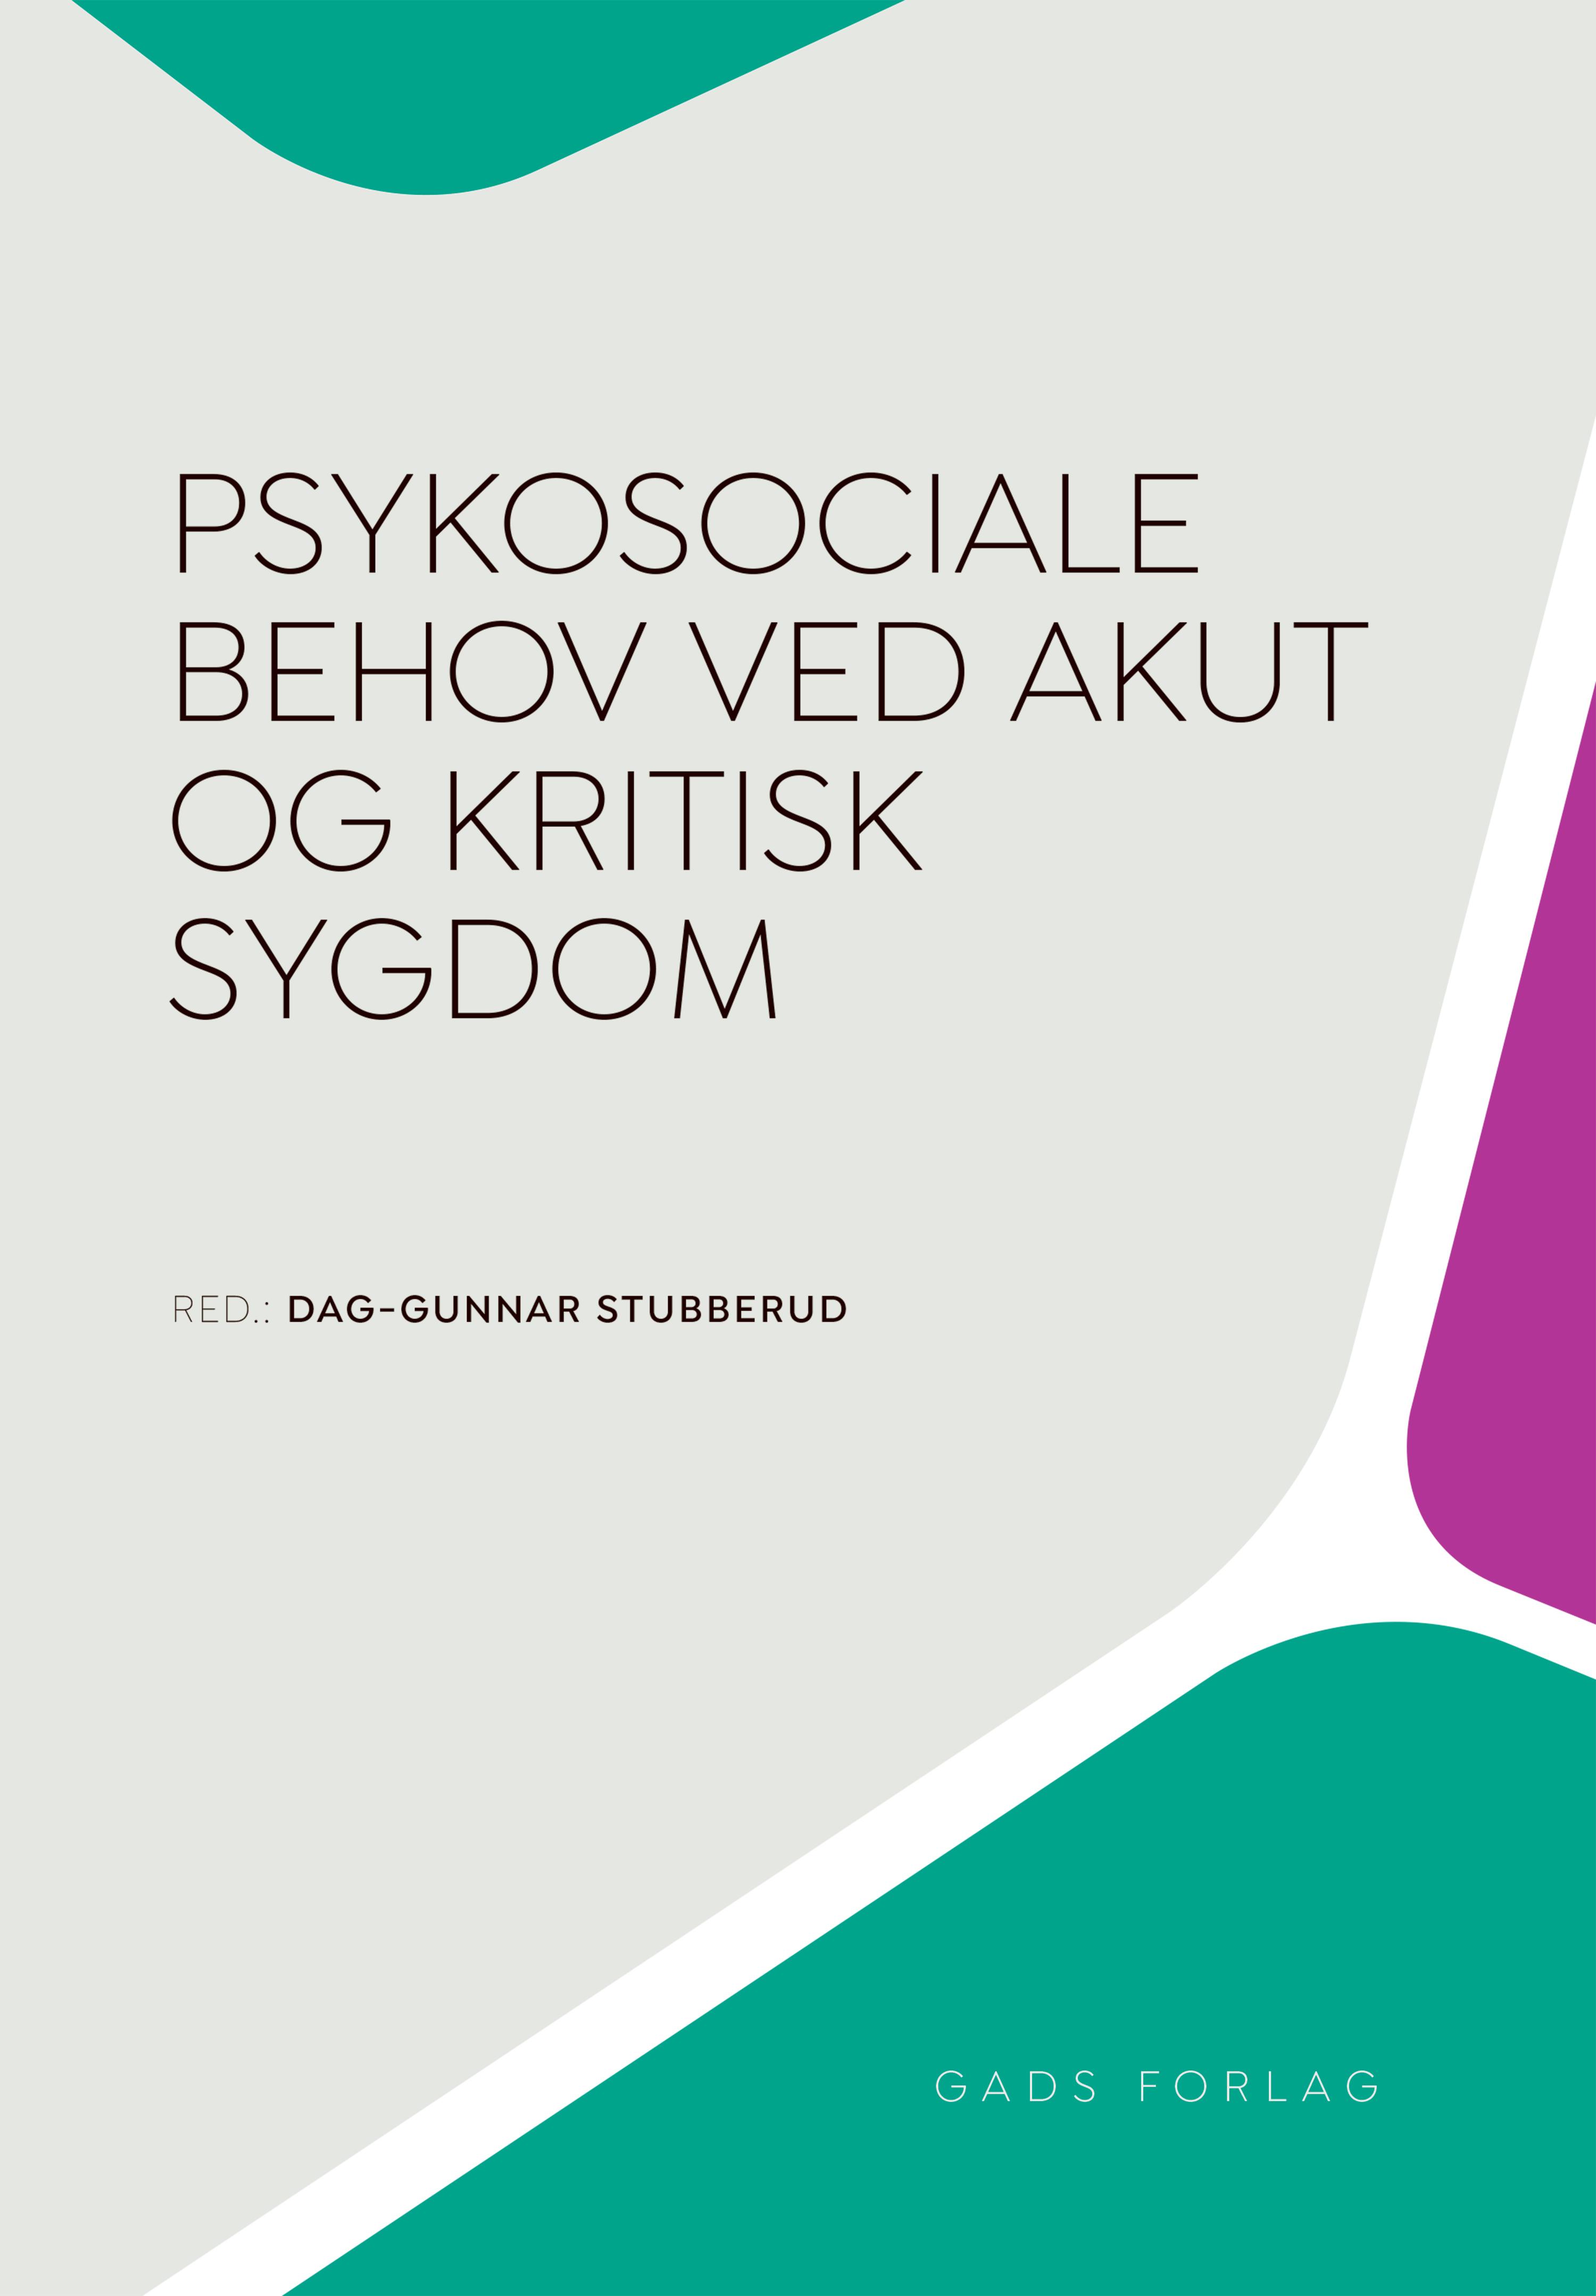 Psykosociale behov ved akut og kritisk sygdom